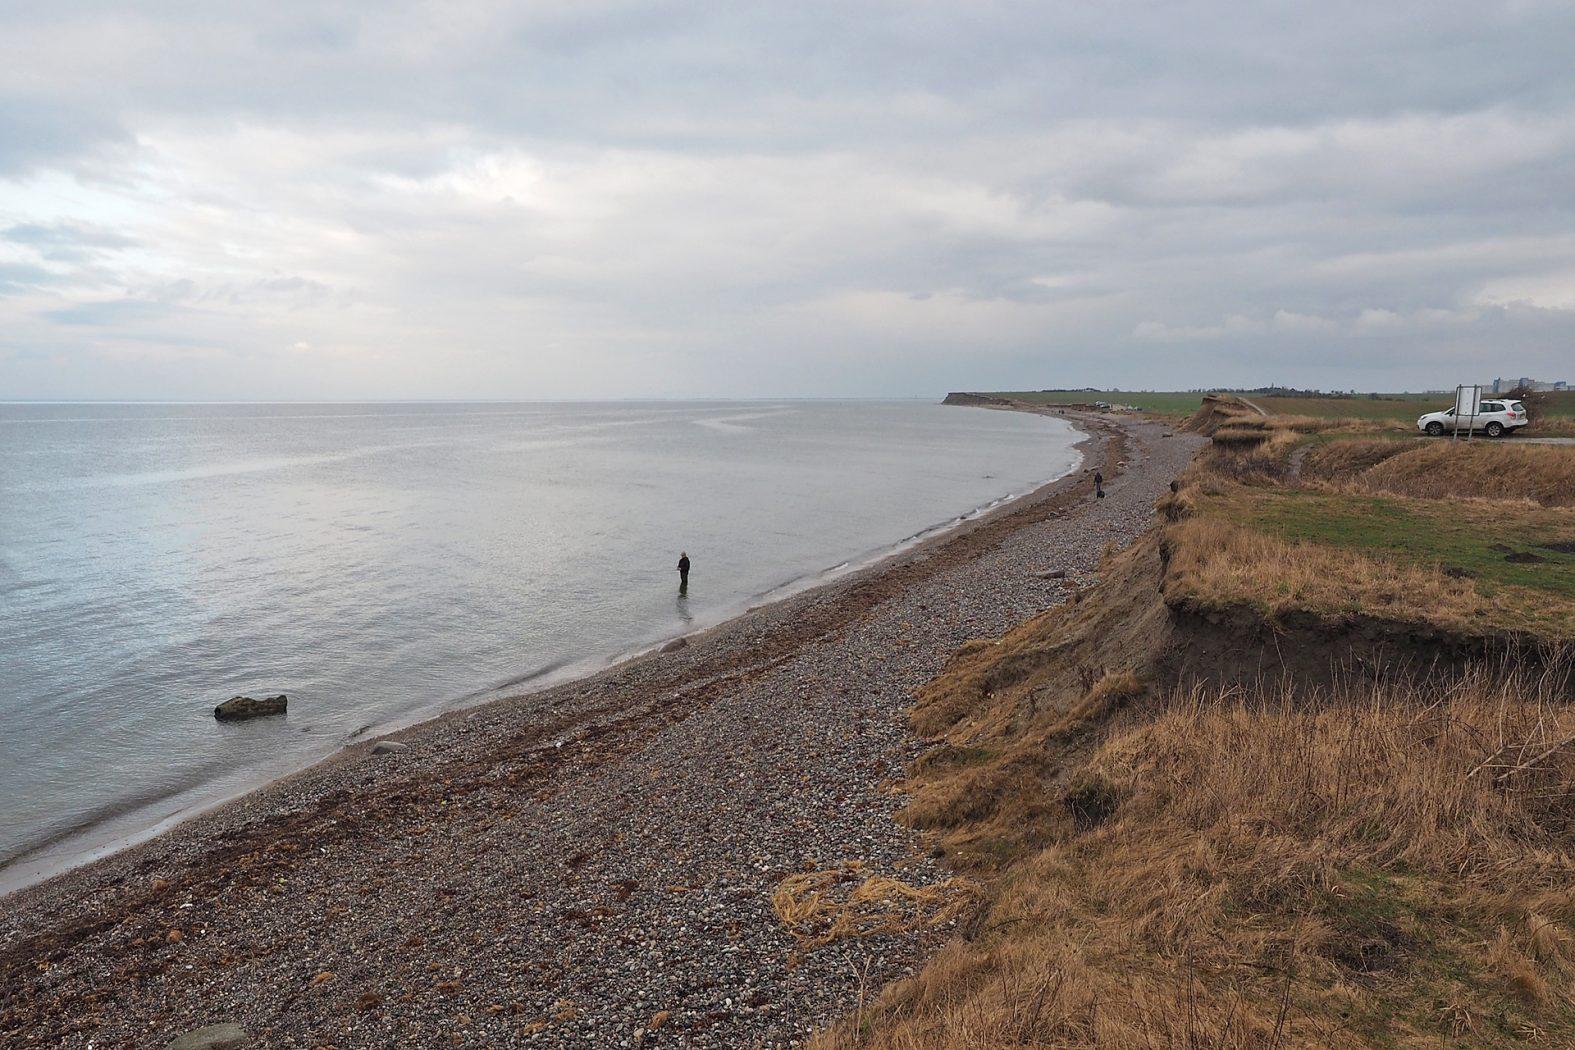 Angeln an der Ostsee vom Strand auf Dorsch